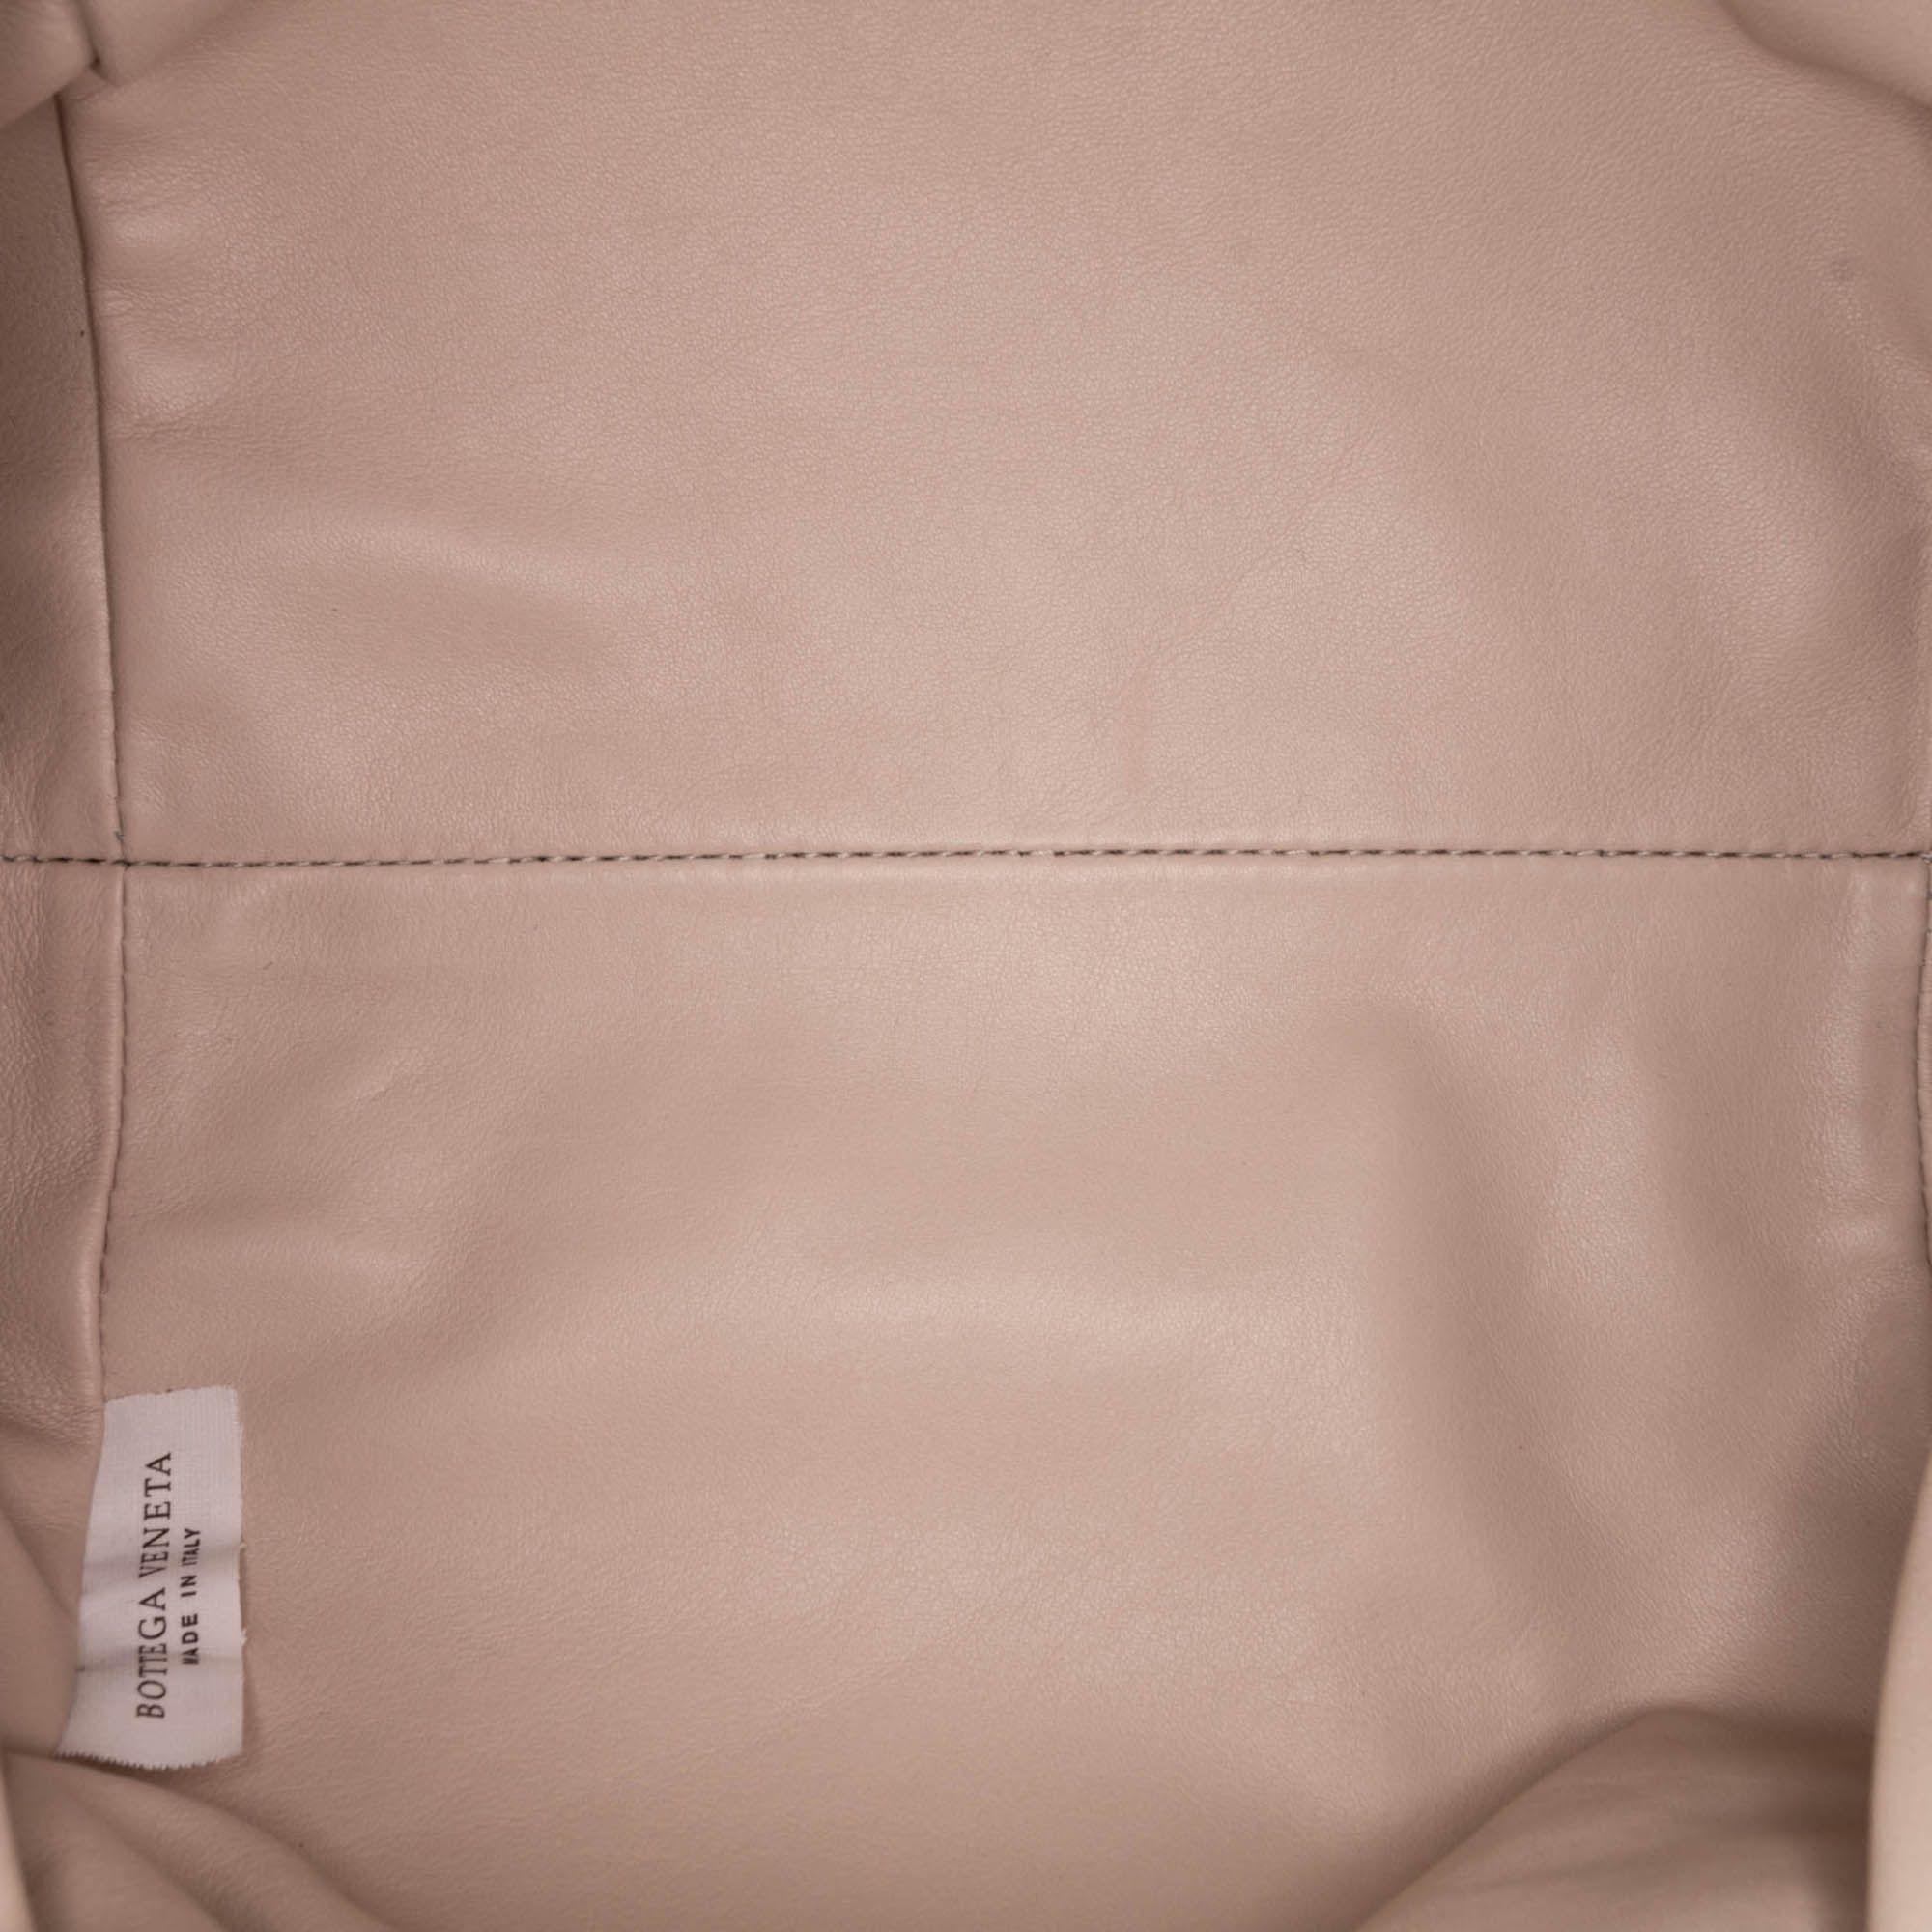 Vintage Bottega Veneta Leather The Pouch White